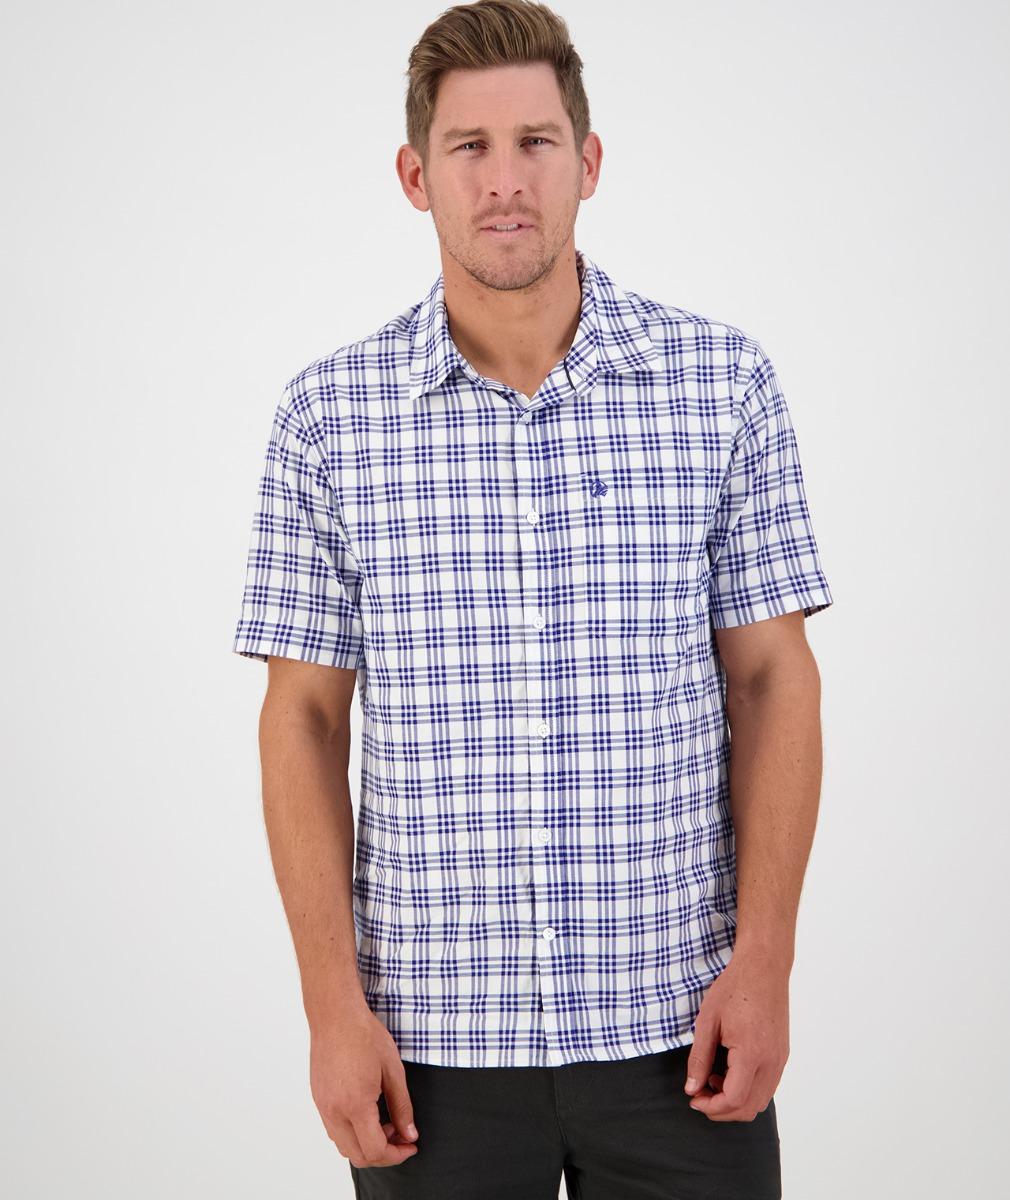 Swanndri Men's Ludlow Short Sleeve Shirt in White/Blue